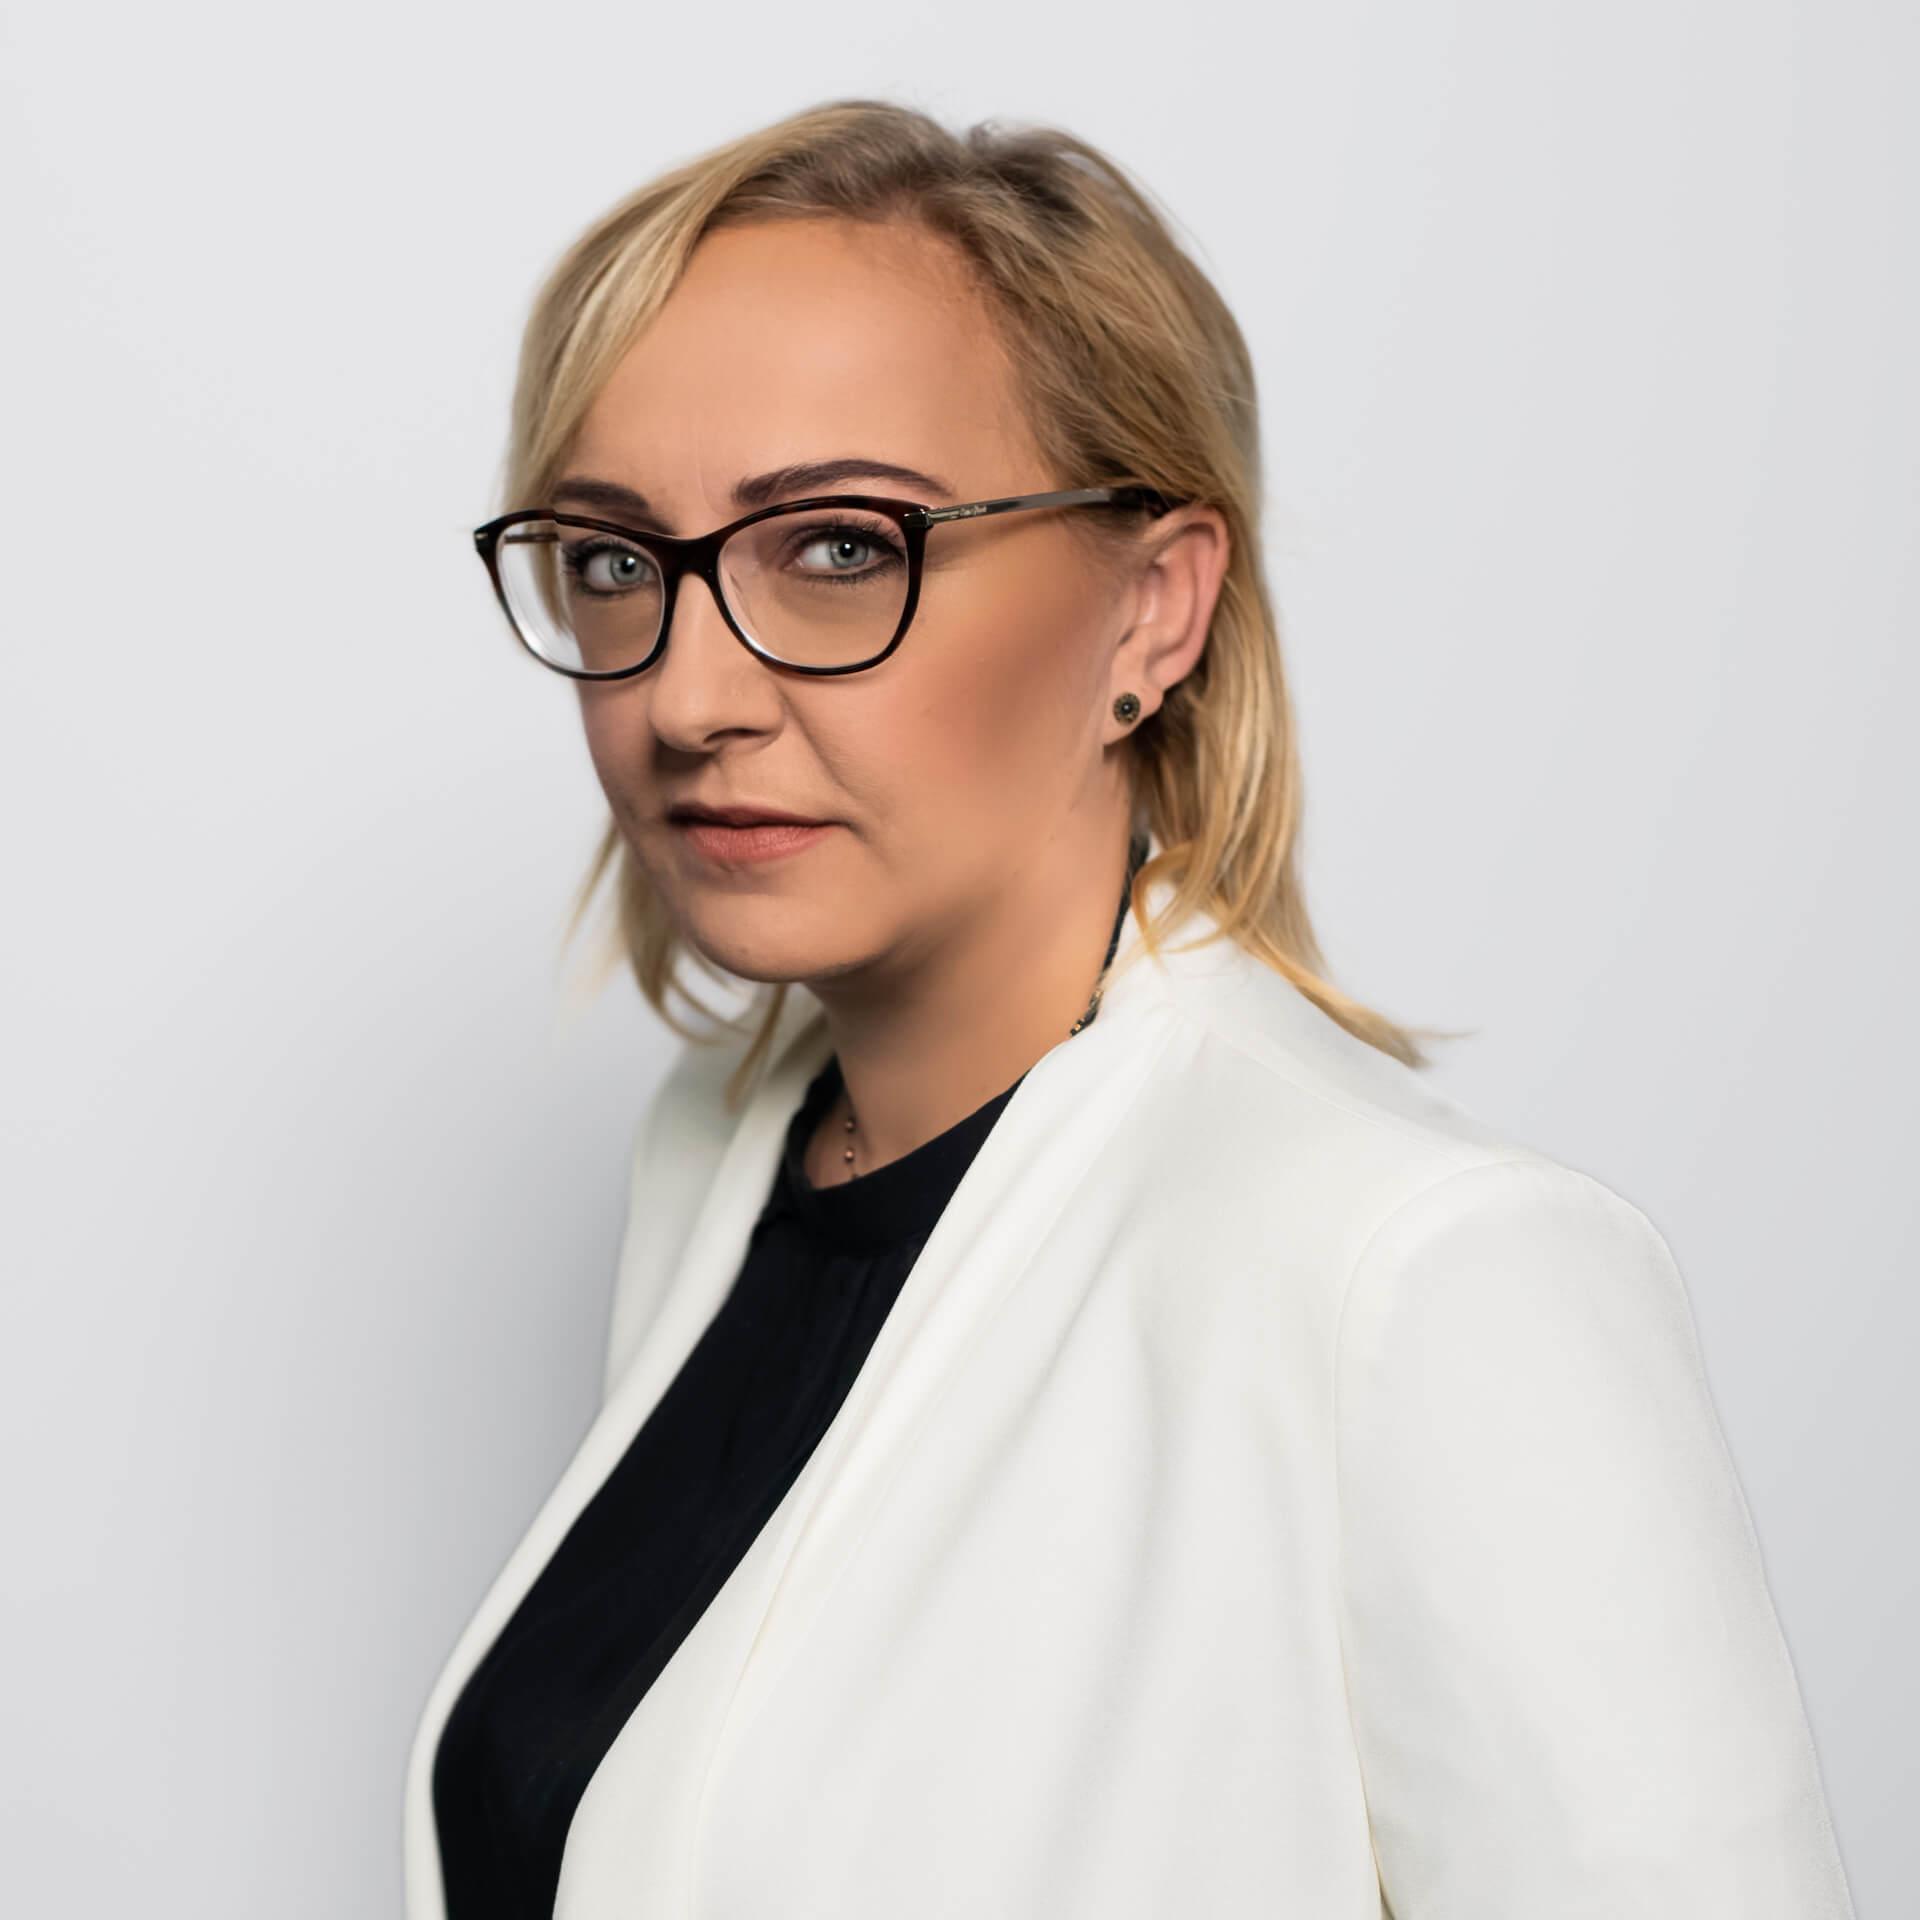 Marta Krasowska